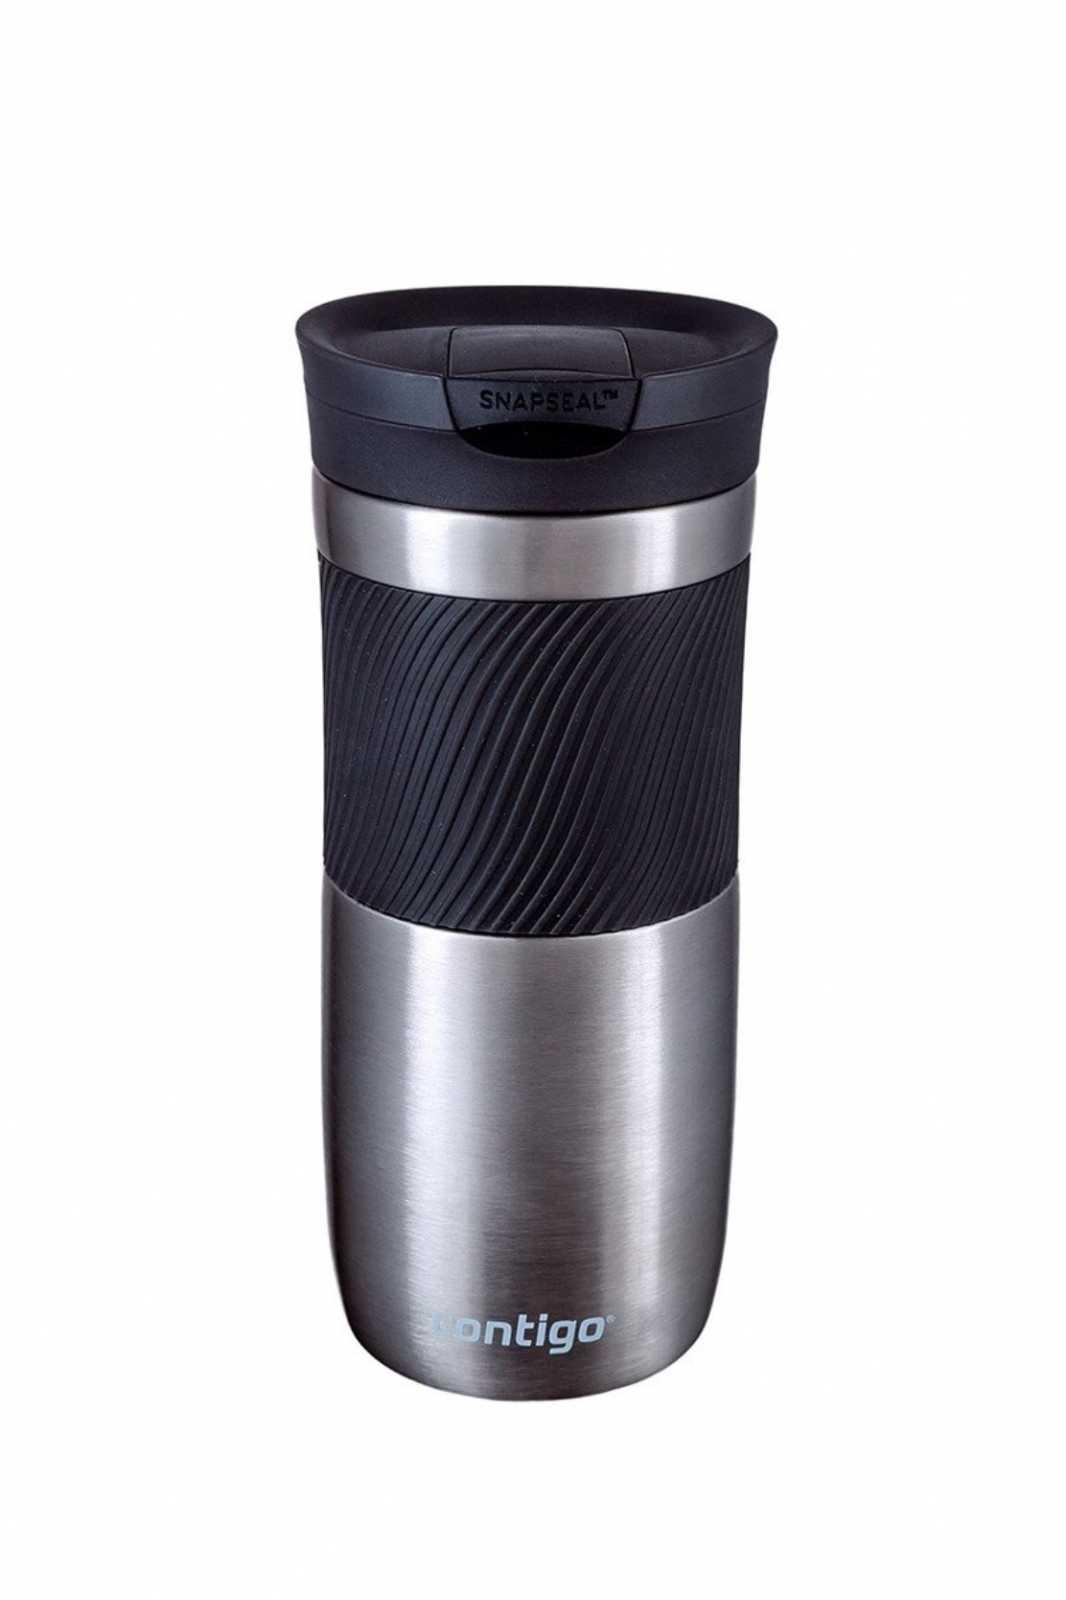 Термостакан Contigo BYRON 16, объем 0,47 л, серебристый с черным Contigo 2095558 фото 5